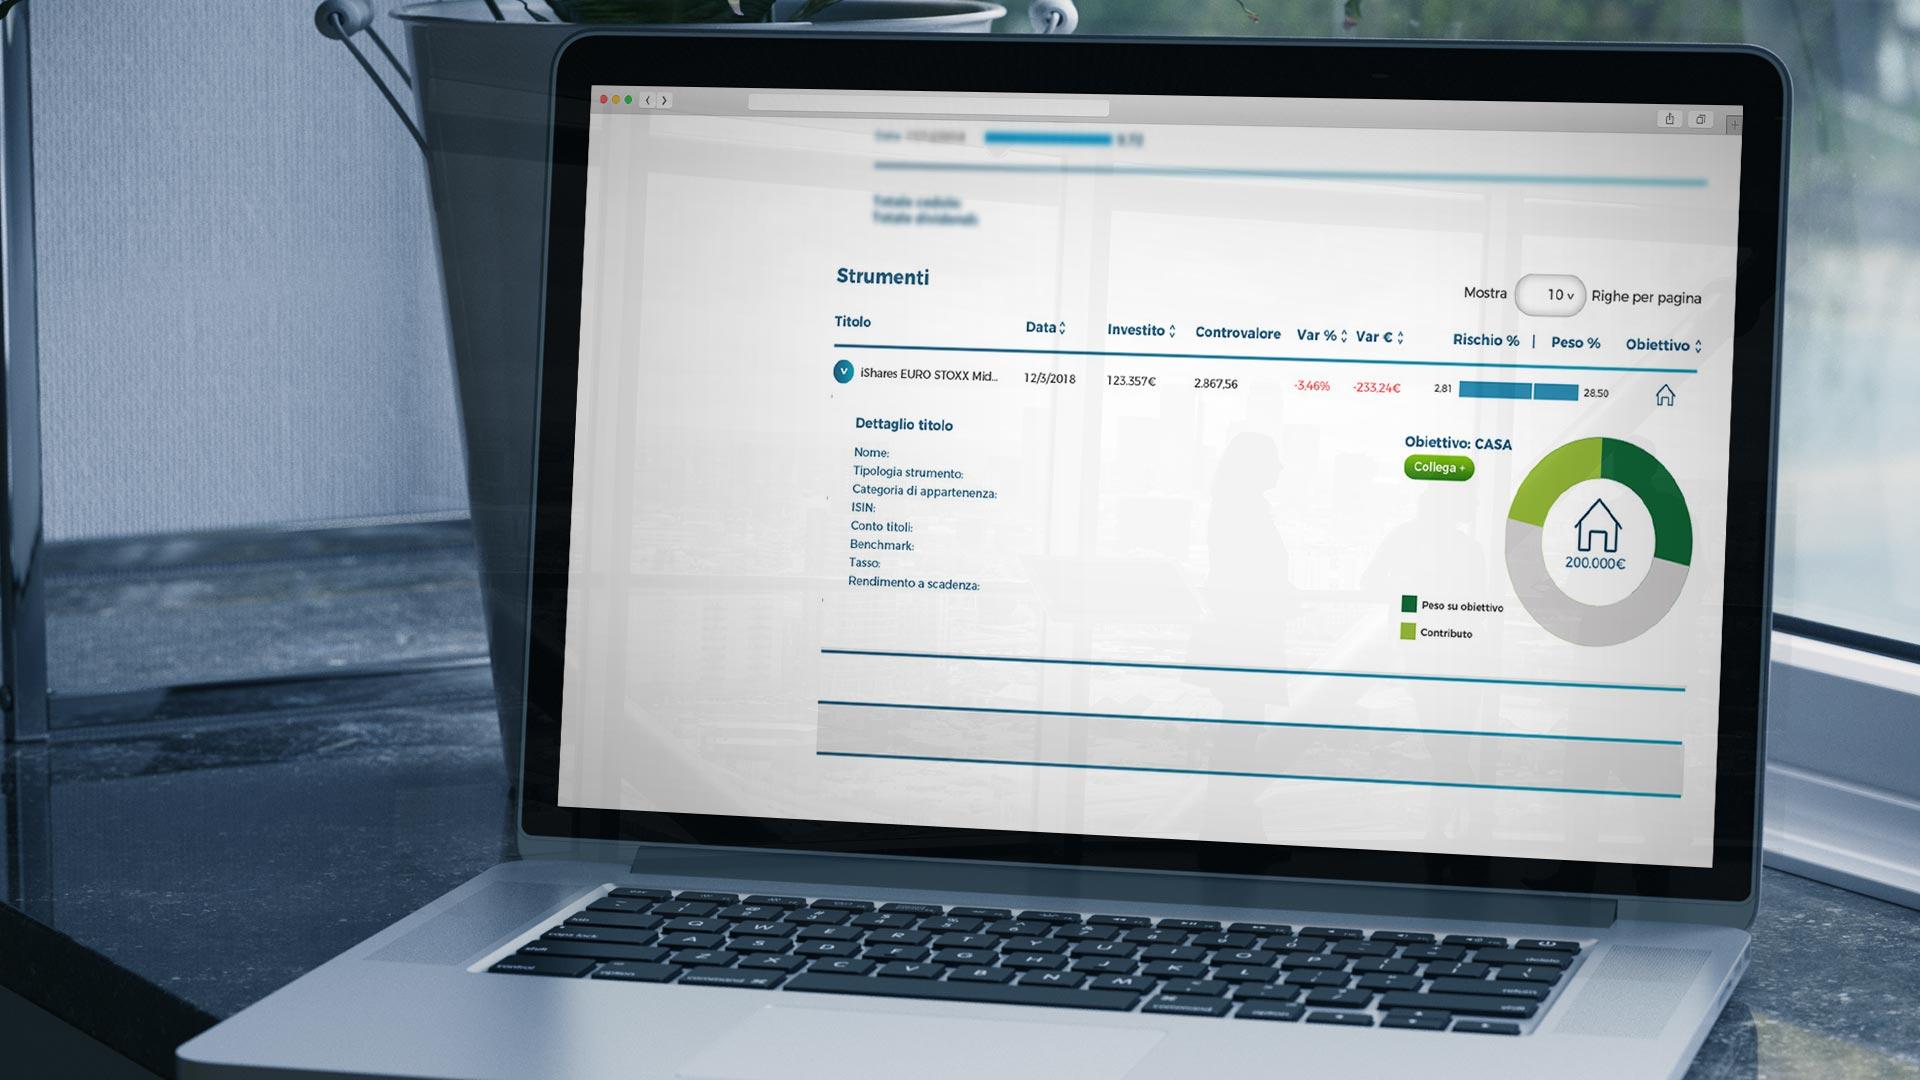 Piattaforma consulenti finanziari: dettaglio strumenti finanziari clienti - Fairvalyou